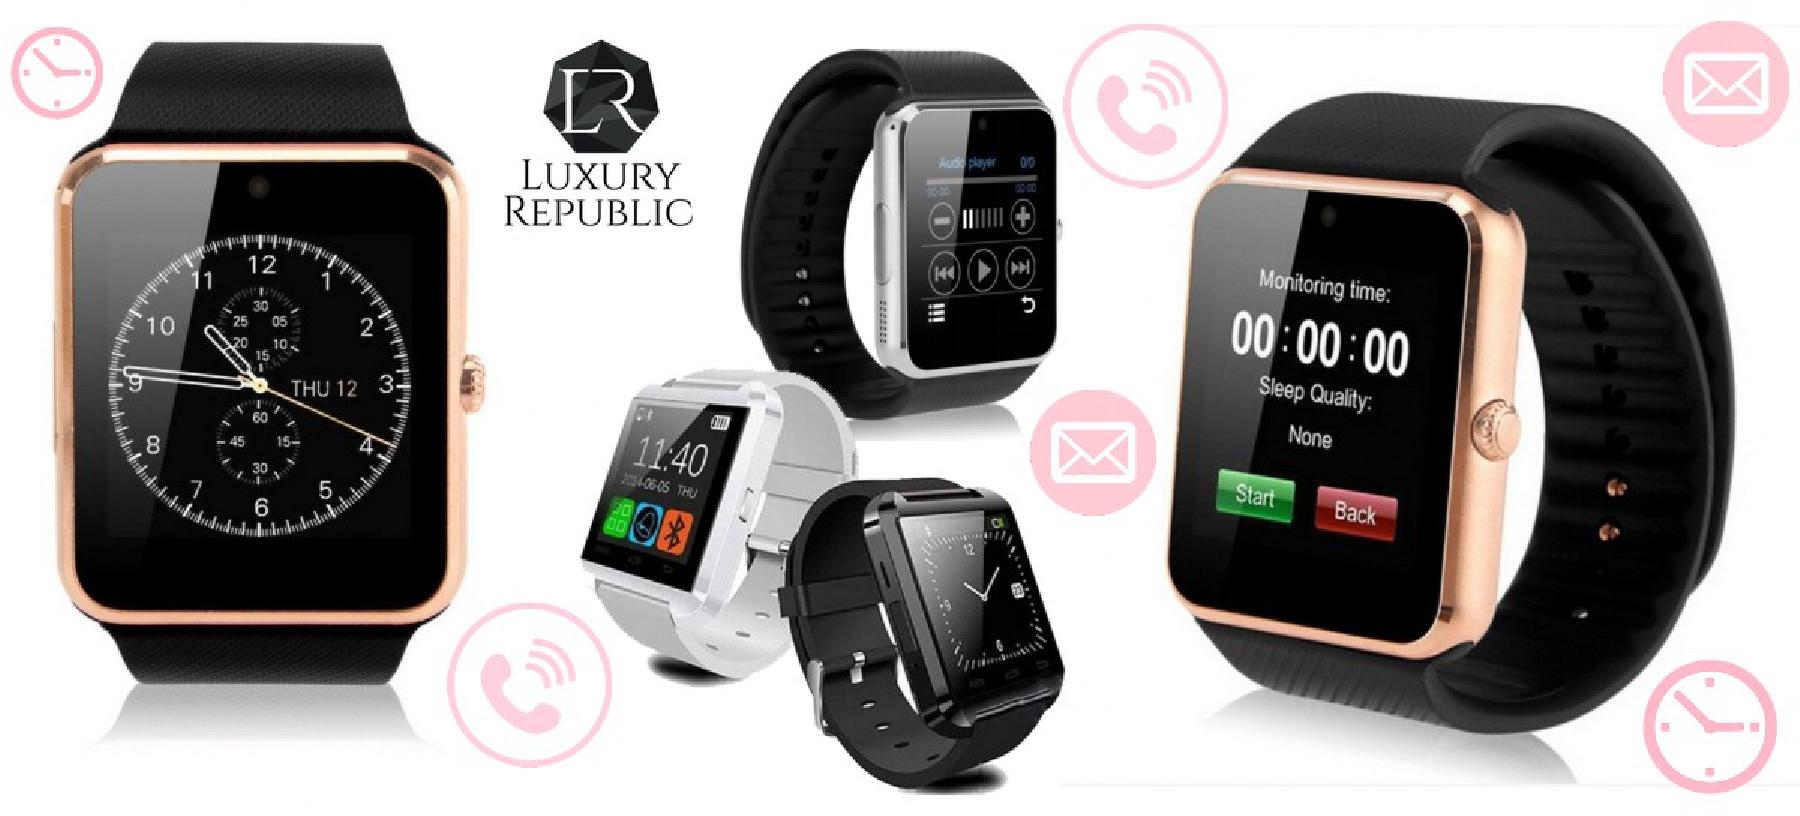 Chytré hodinky kompletně v češtině - 4 varianty